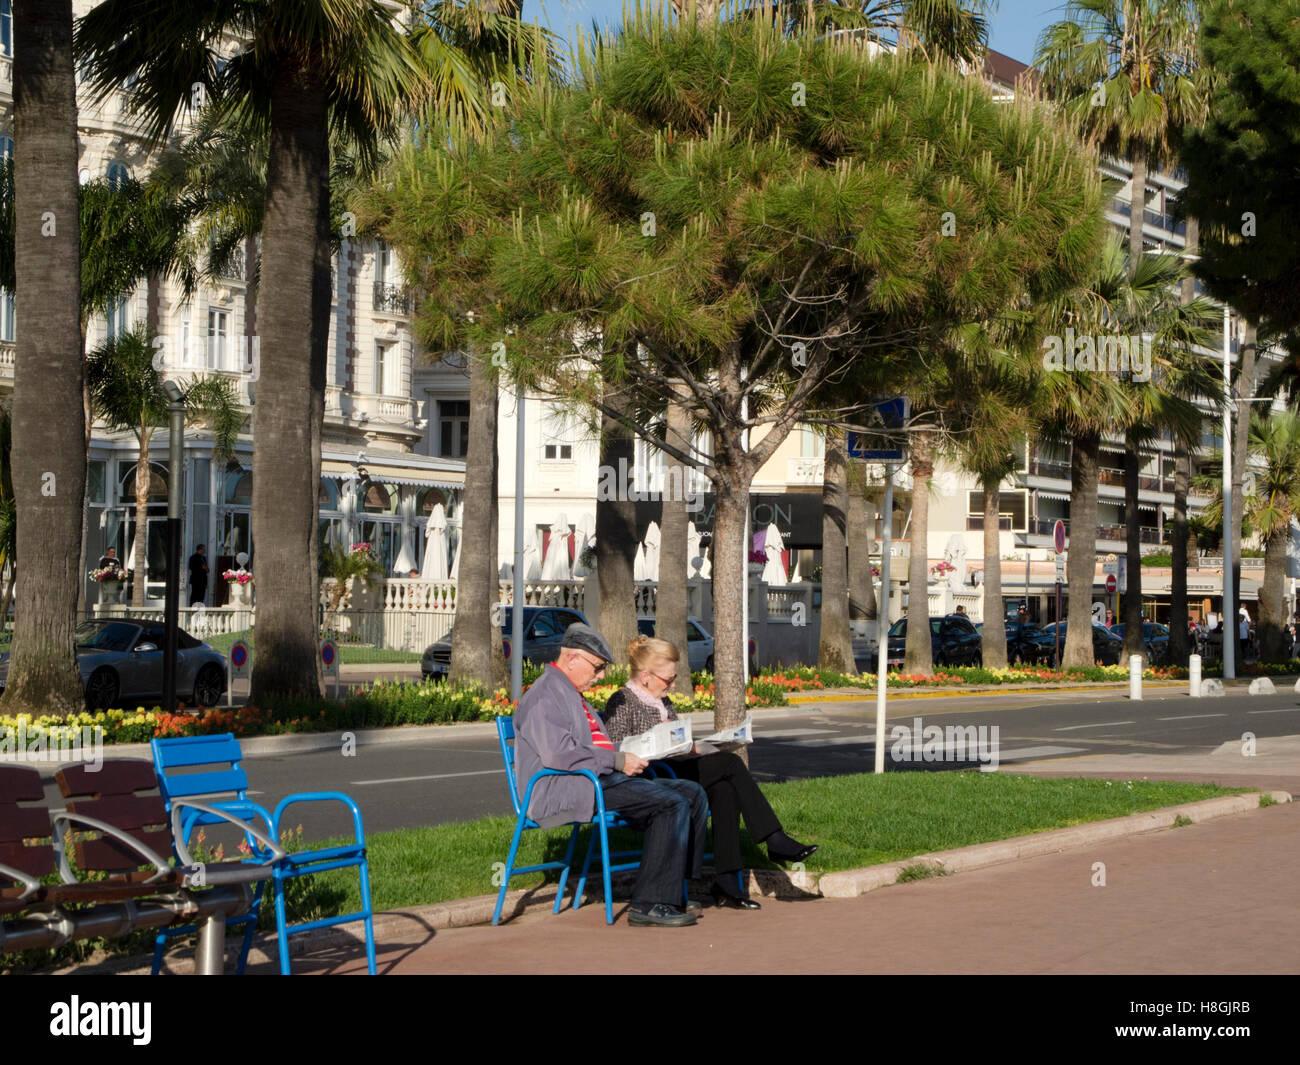 Frankreich, Cote d Azur, Cannes, Flaniermeile Bulevar de la Croisette Foto de stock